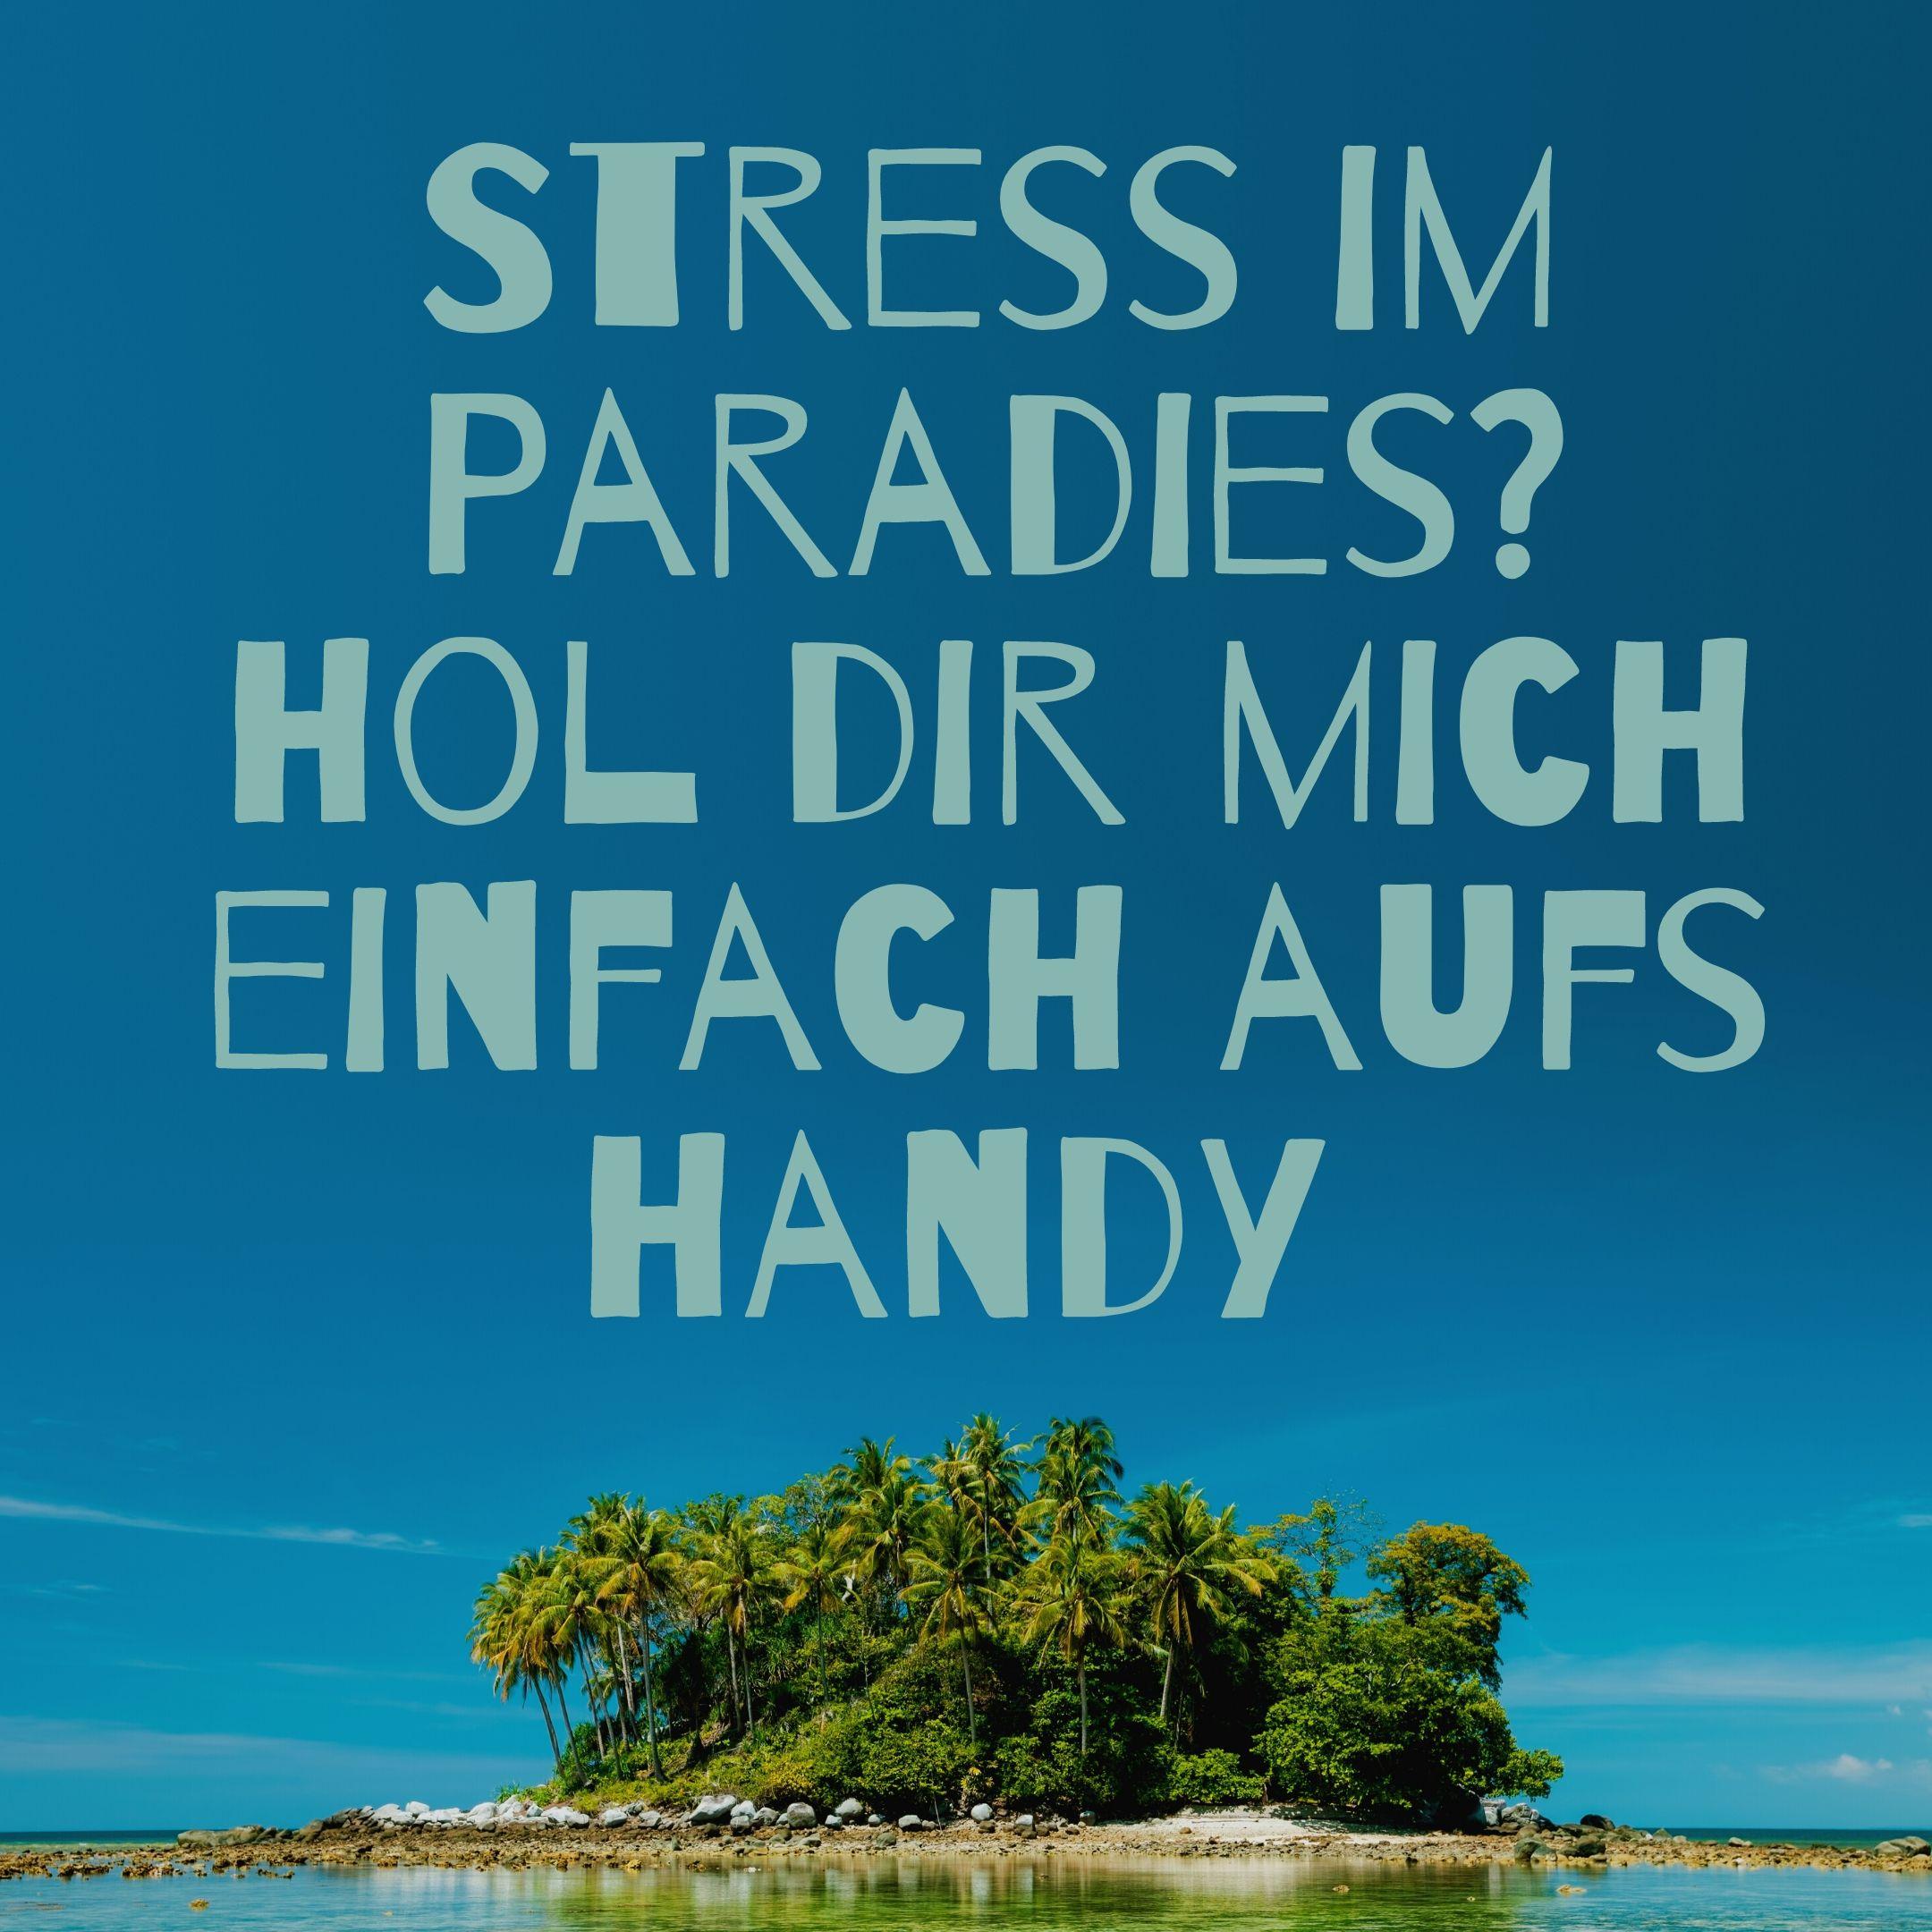 Bild von einer Südseeinsel. text: Stress im Urlaub? Hol dir mich einfach aufs Handy